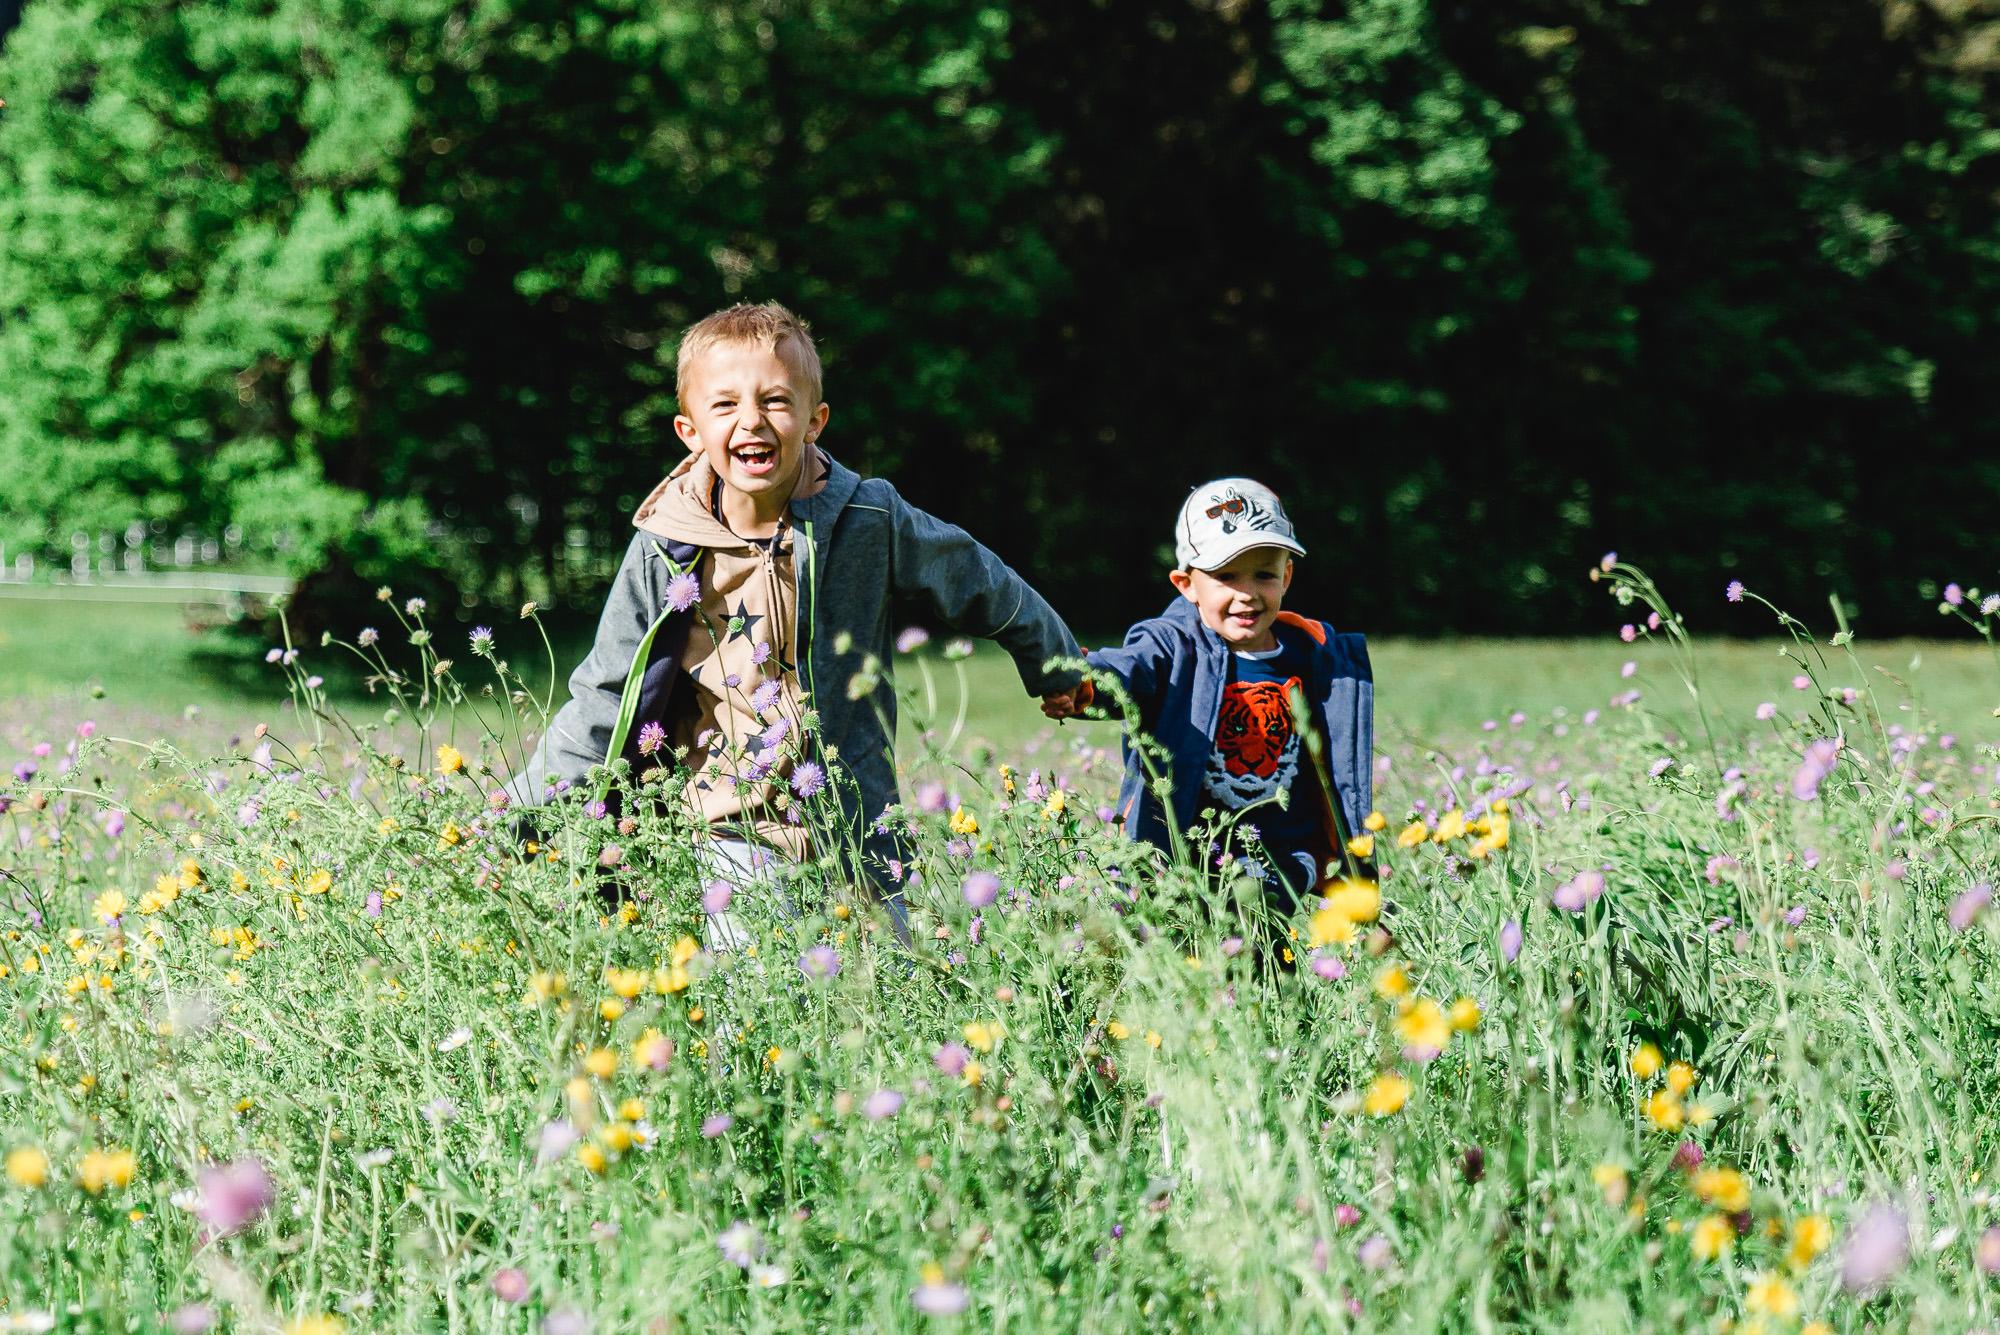 Speckbacher Hof Gnadenwald inkl. Forstmeile Gnadenwald | Wandern mit Kindern